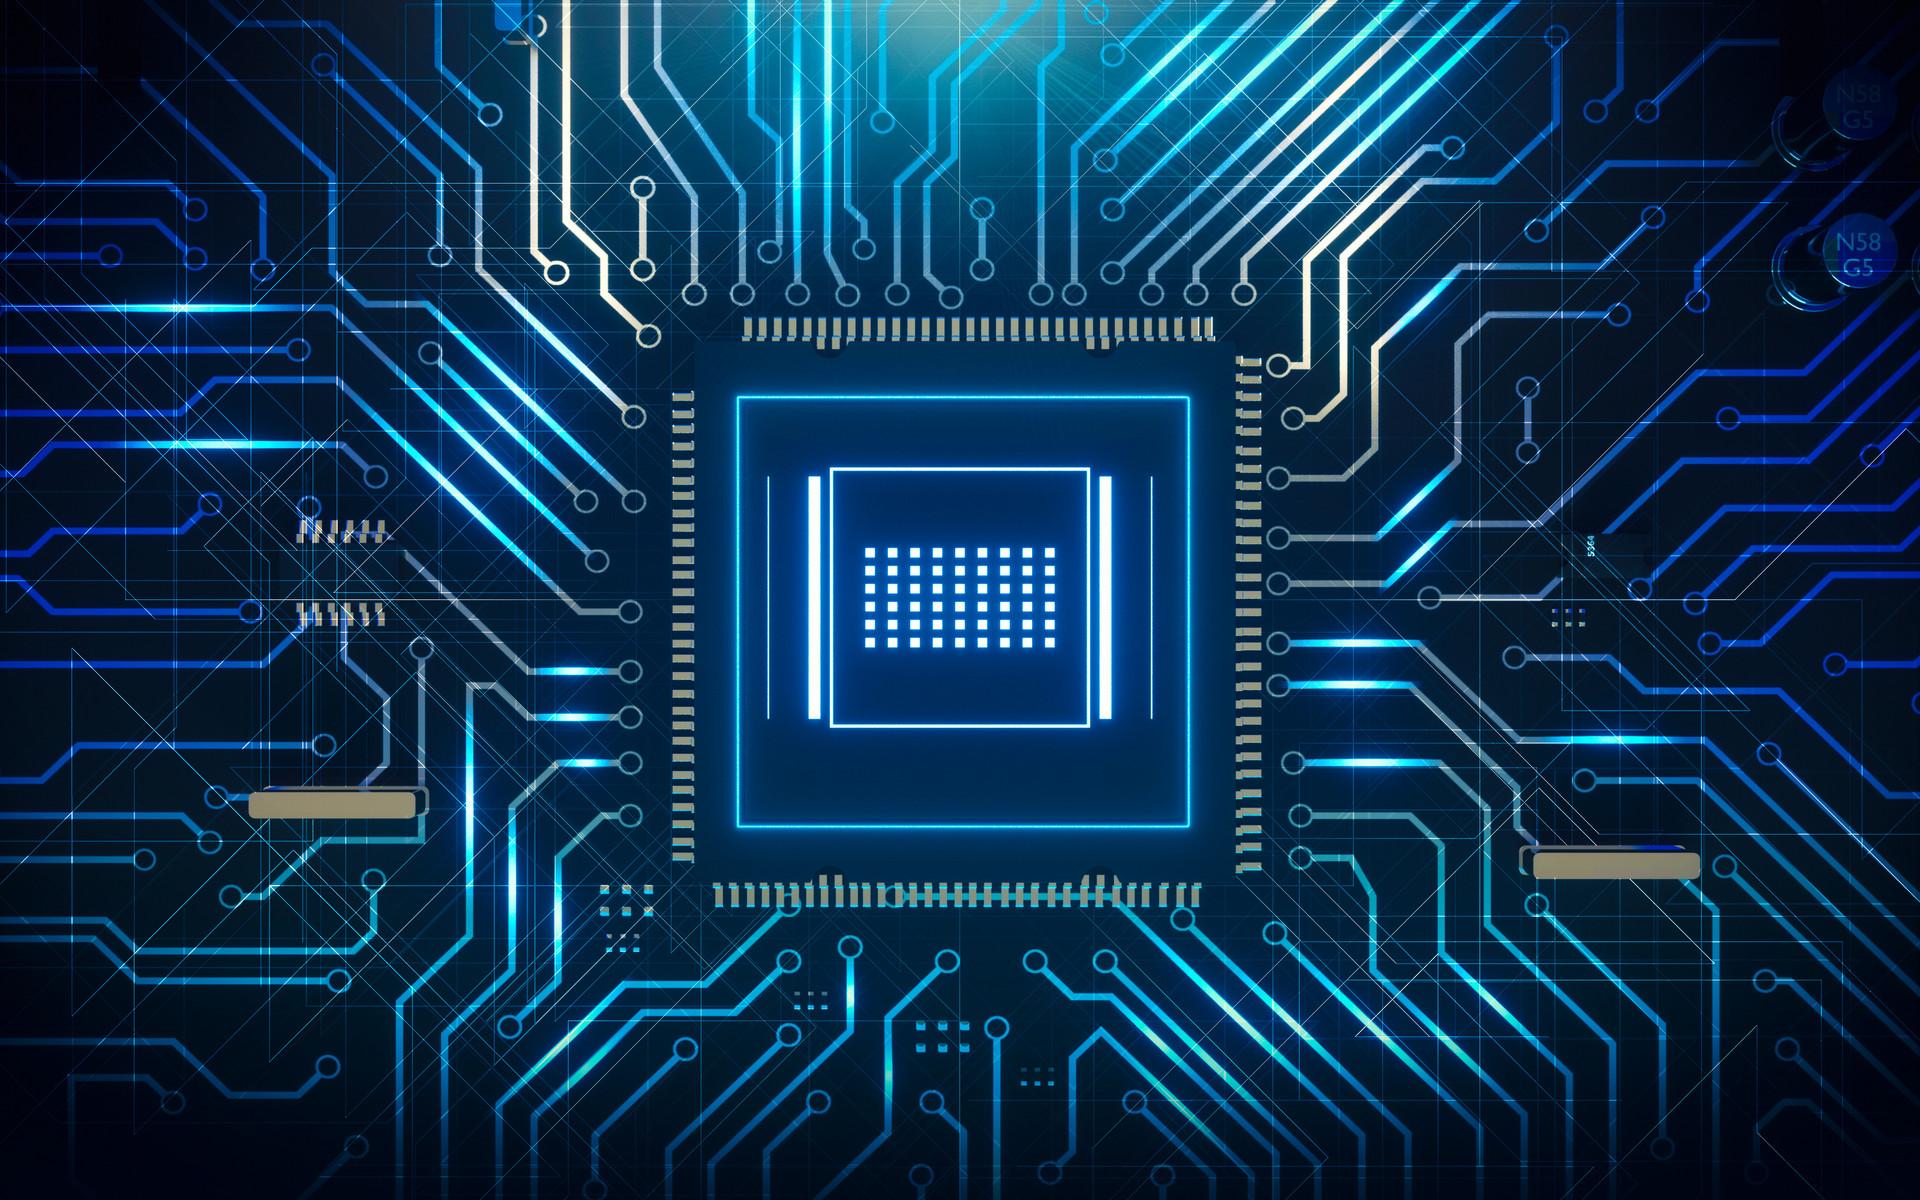 新一代存储芯片竞争正酣,中国应如何做?